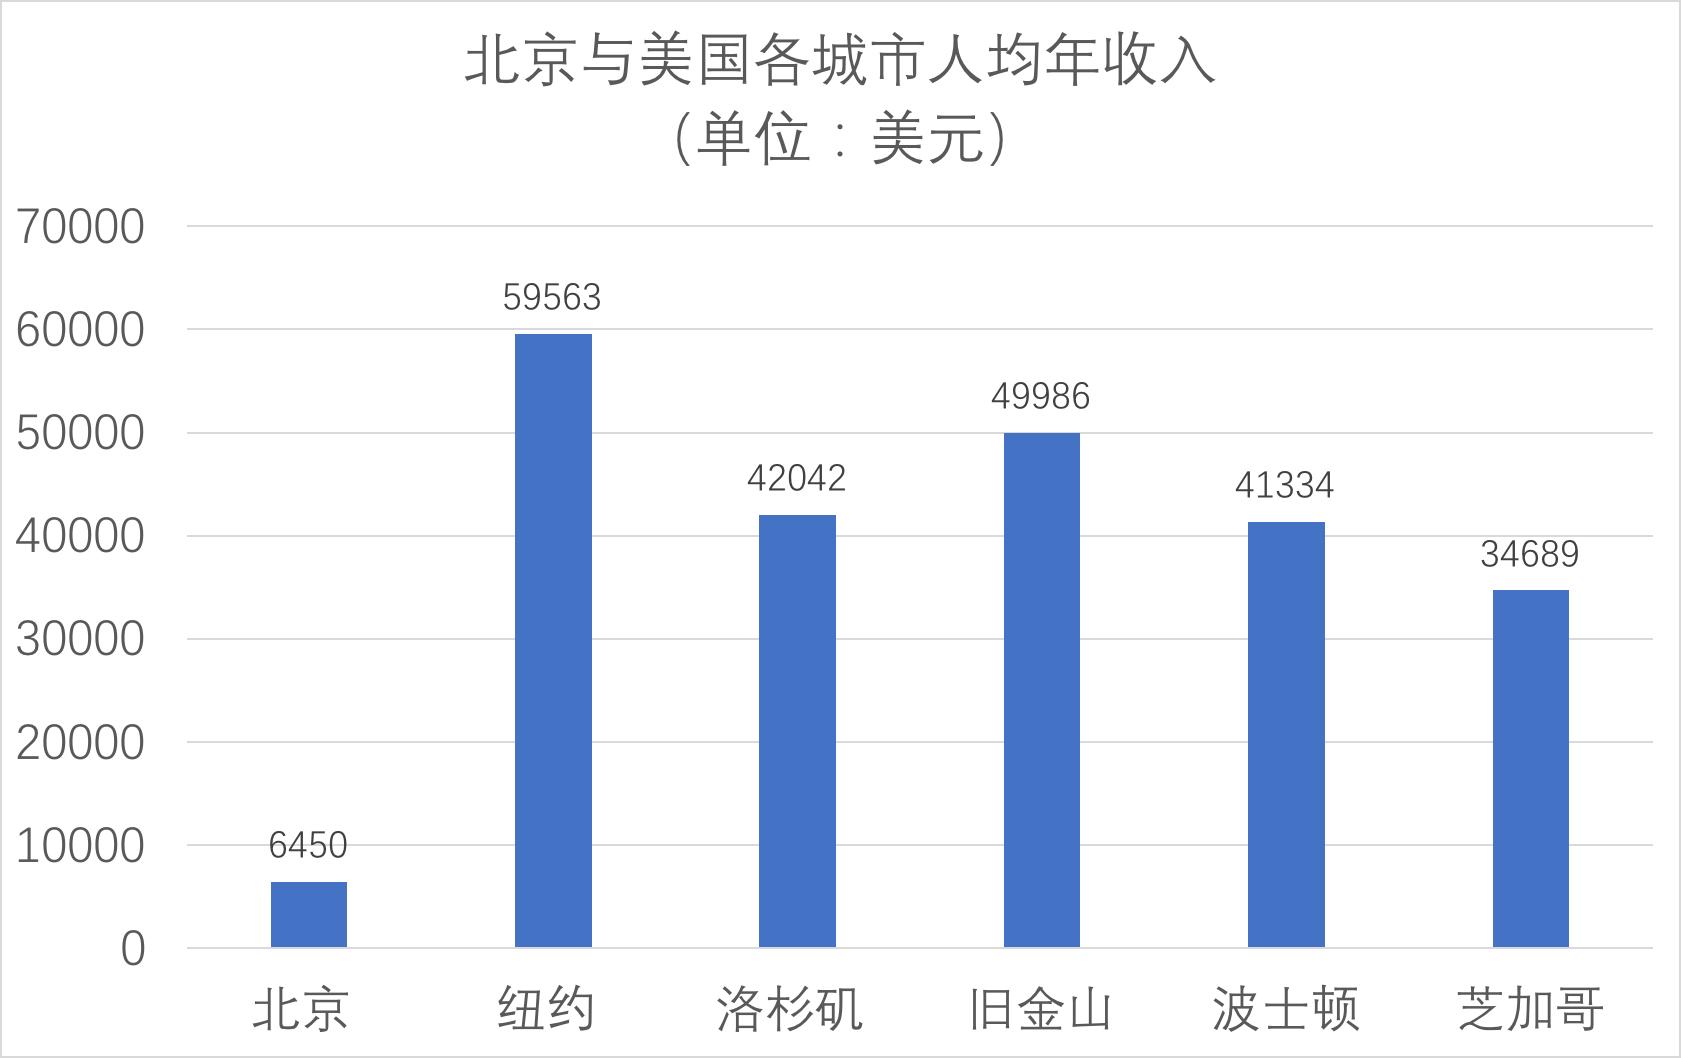 北京与美国各城市人均年收入对比